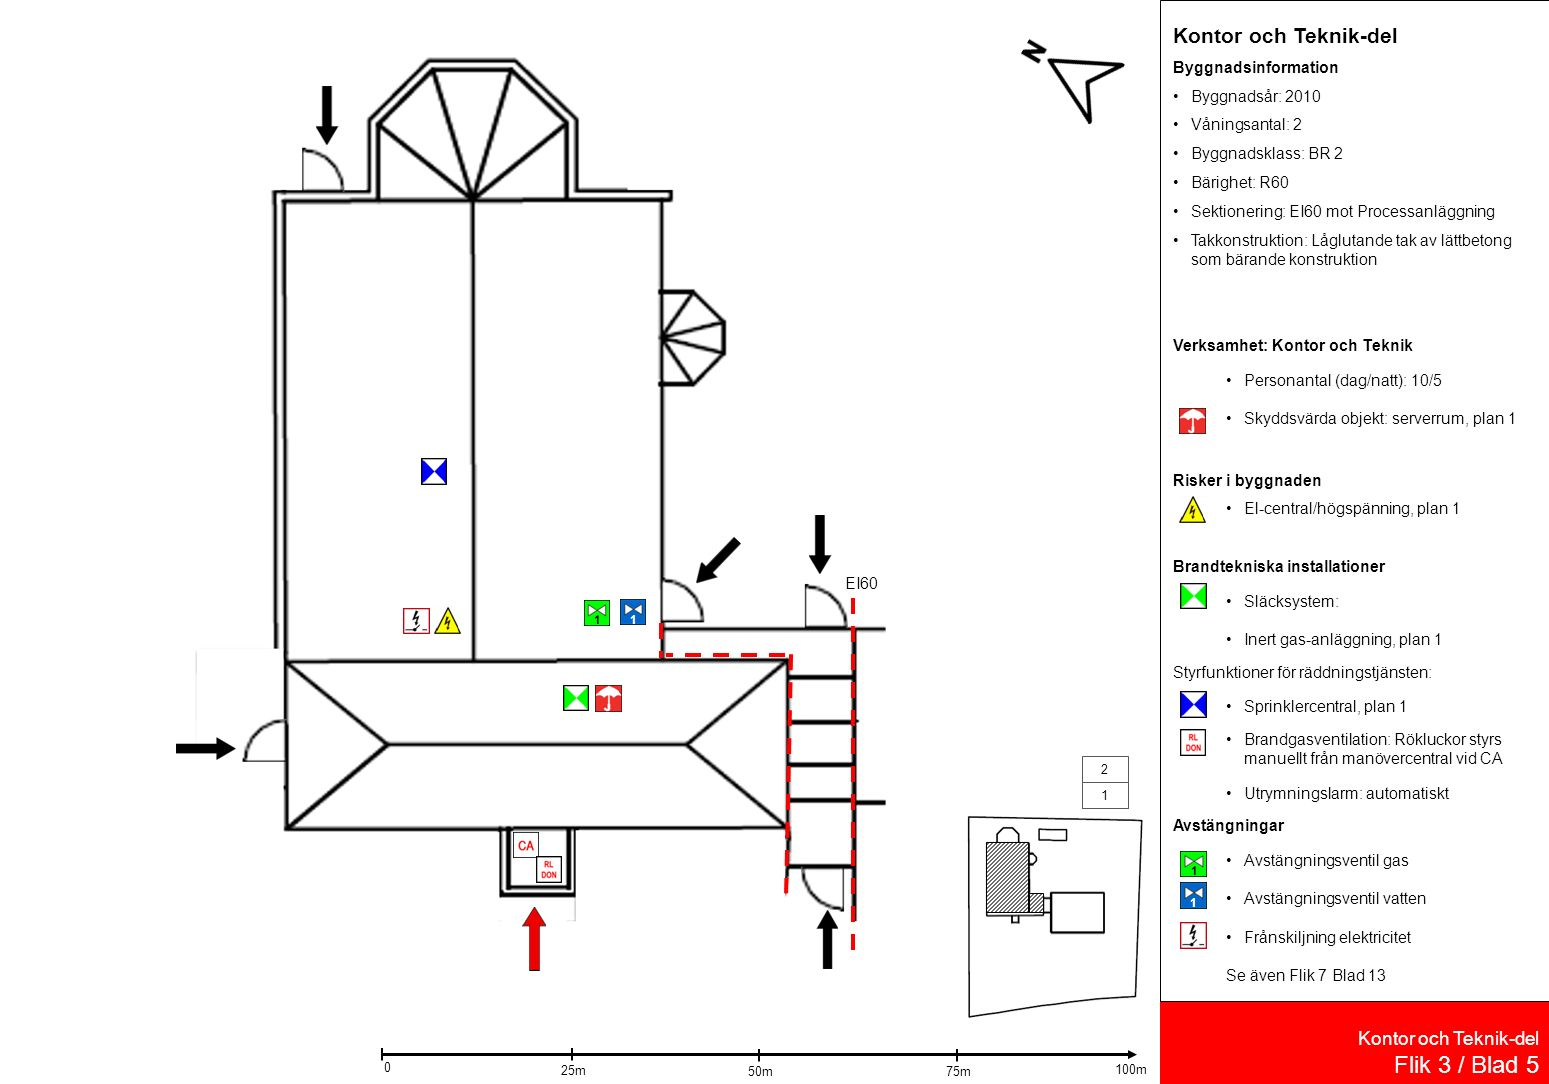 Processanläggning Flik 3 / Blad 6 Processanläggning Byggnadsinformation Byggnadsår: 2010 Våningsantal: 2 Byggnadsklass: BR 2 Bärighet: R60 Sektionering: EI60 mot Kontor och Teknik-del Takkonstruktion: Låglutande tak av lättbetong som bärande konstruktion Skyddsvärda objekt: Inga Verksamhet: Processanläggning Personantal (dag/natt): 10/5 Risker i byggnaden Cisterner med frätande ämnen, 2 cisterner med 3m 2, 1 cistern med 6 m 2, plan 1 Tryckkärl, 40 liter skyddsgas, plan 2 Radioaktiva ämnen, stålflaskor med spårämnen, plan 2 Rum med laser, plan 2 Brandtekniska installationer Släcksystem: Sprinklat utrymme, plan 1-2 Brandgasventilation: Rökluckor Styrfunktioner för räddningstjänsten: Brandgasventilation: Rökluckor styrs manuellt från manövercentral vid CA Säkerhetsbrytare för solceller Kontor och Teknikdel Utrymningslarm: automatiskt Avstängningar Huvudavstängningar via nödstopp tryckknapp Uppsamlingsanordningar: Invallning, plan 1 Se även Flik5/Blad11 och Flik 7/Blad 13 EI60 1 2 45m 15m 0 30m